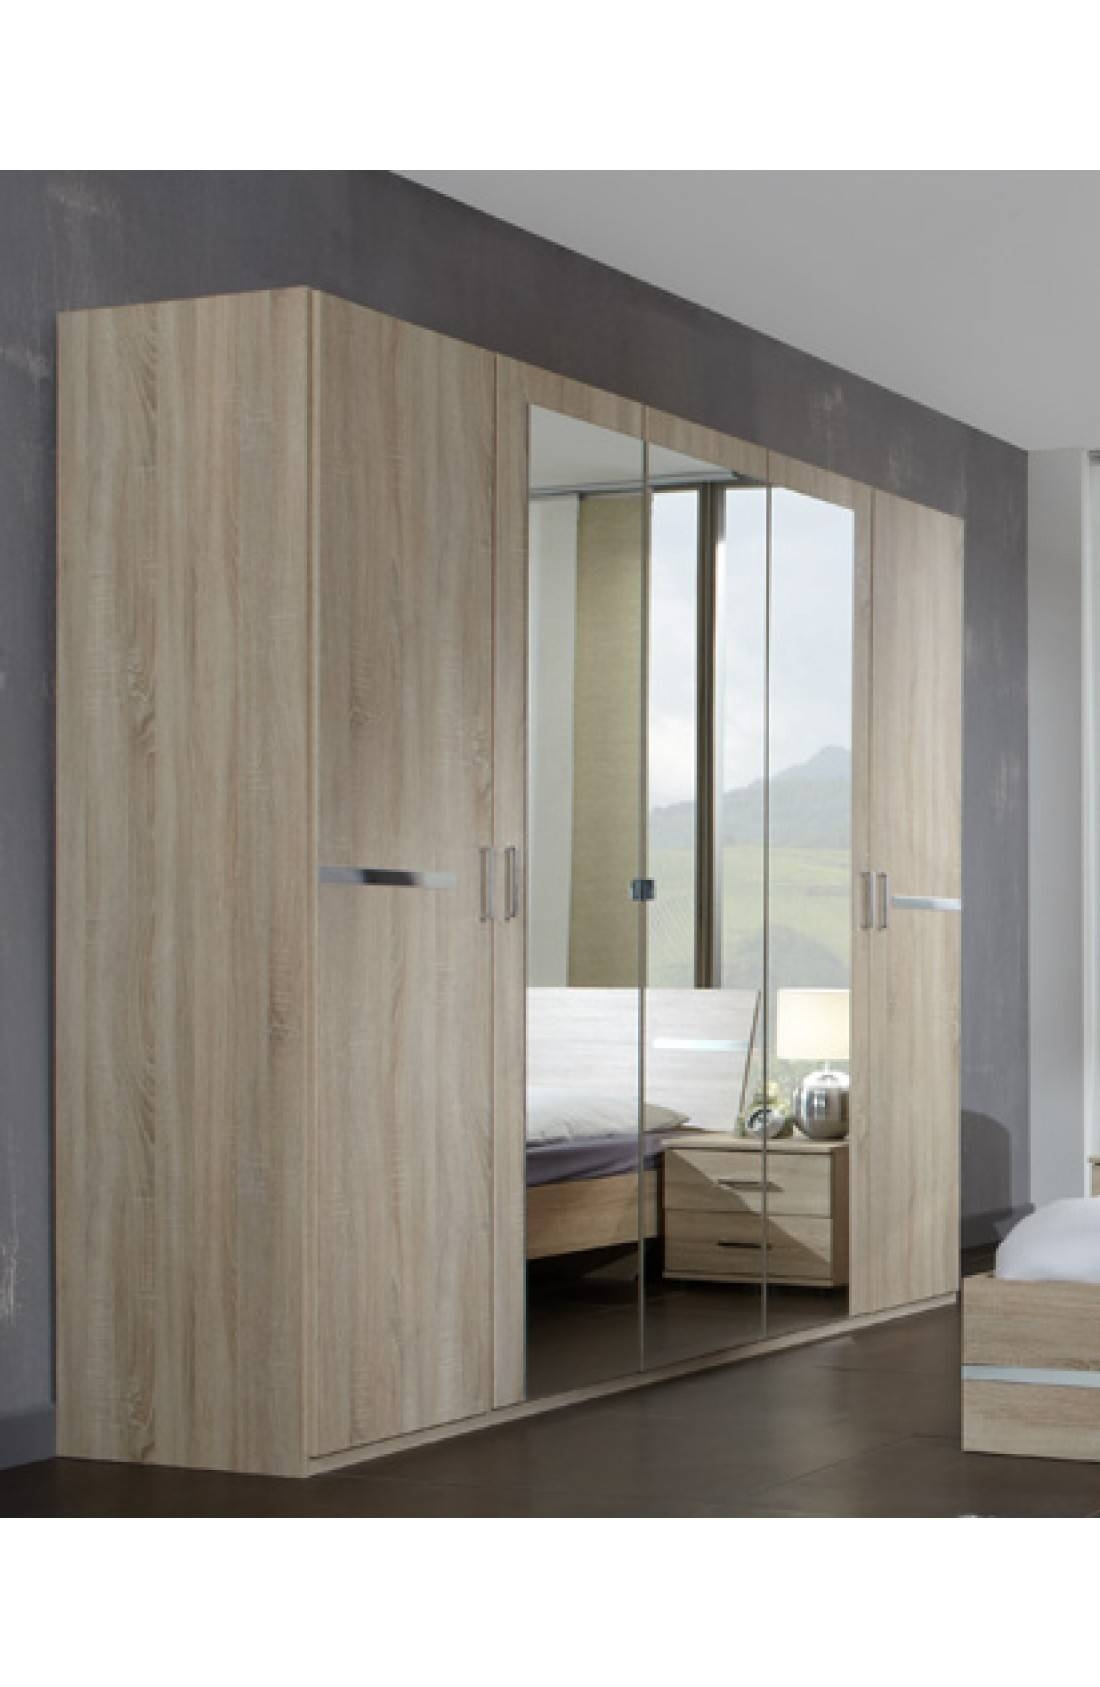 Slumberhaus 'anna' Modern Light Oak 225cm 5 Door Wardrobe Within 5 Door Wardrobes (View 10 of 15)